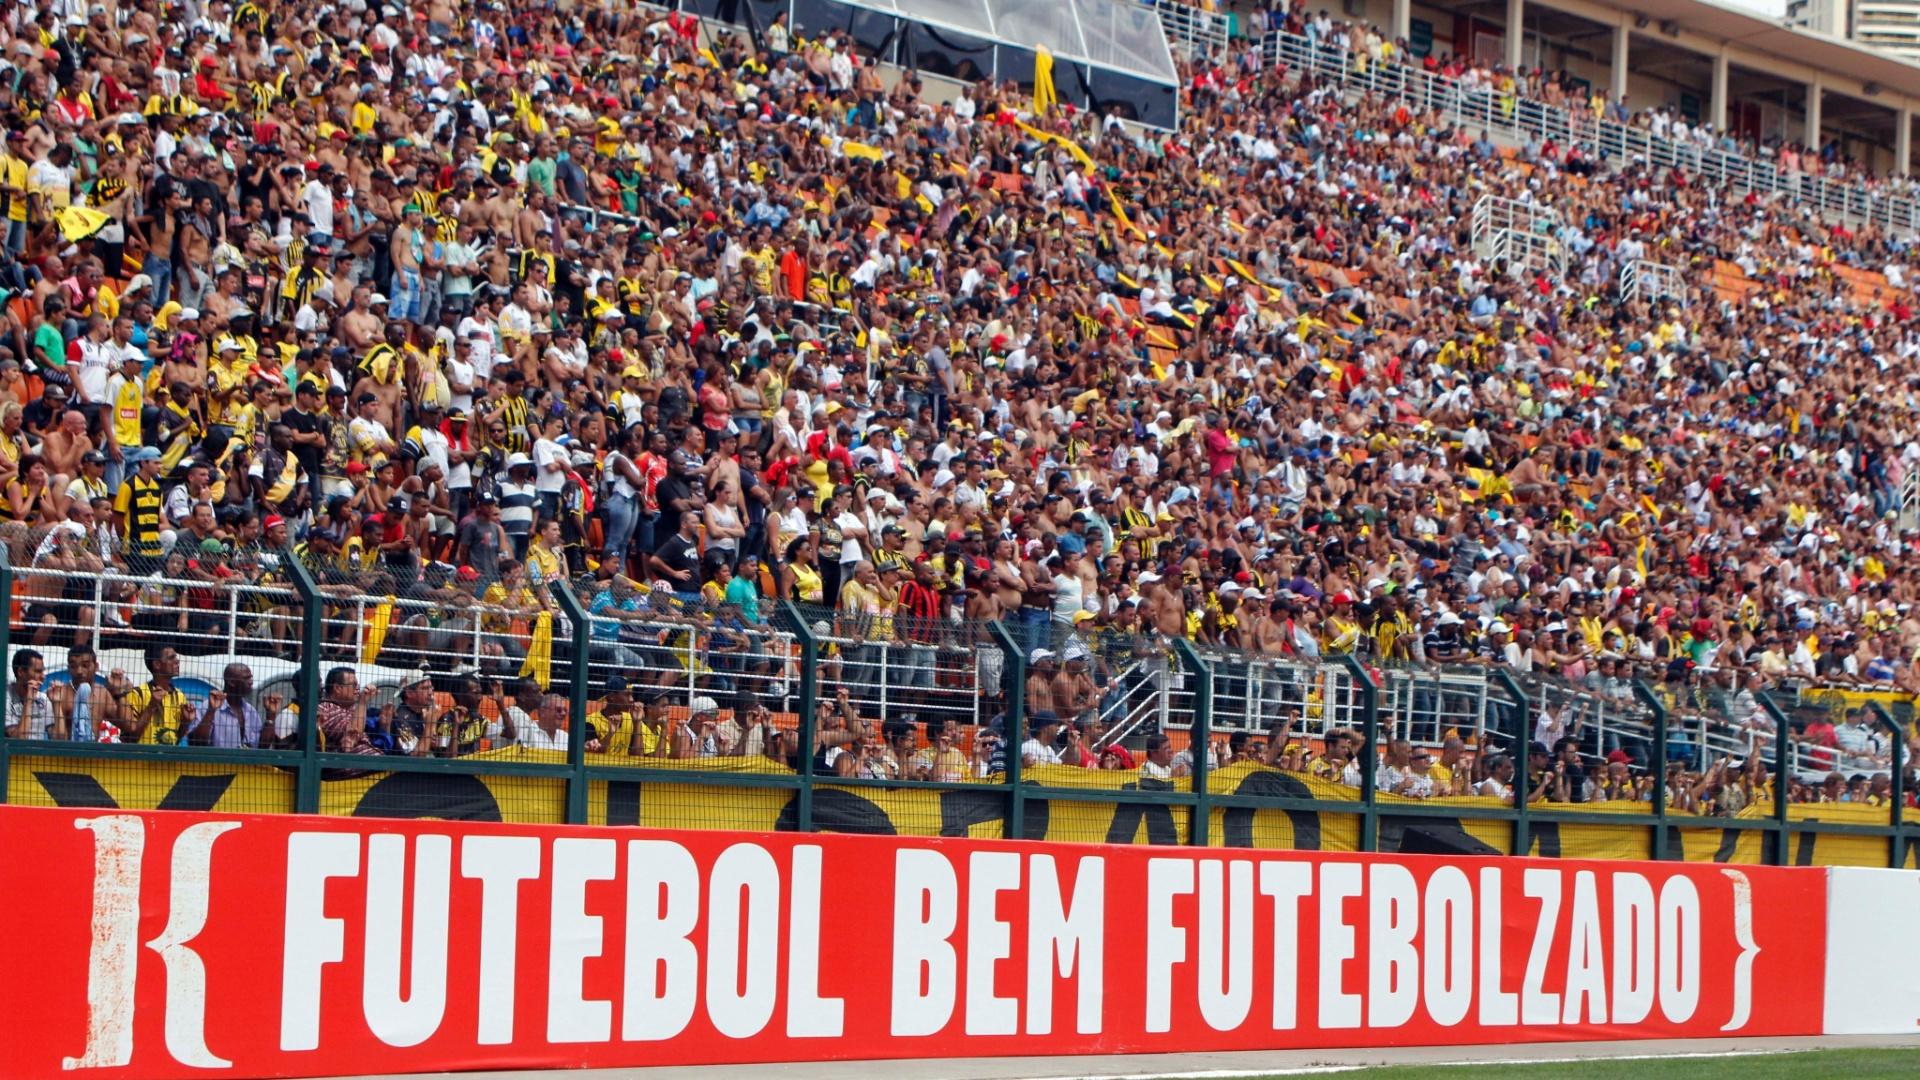 Mais de 20 mil torcedores prestigiaram a final da Copa Kaiser e estabeleceram o novo record brasileiro em partidas de futebol amador